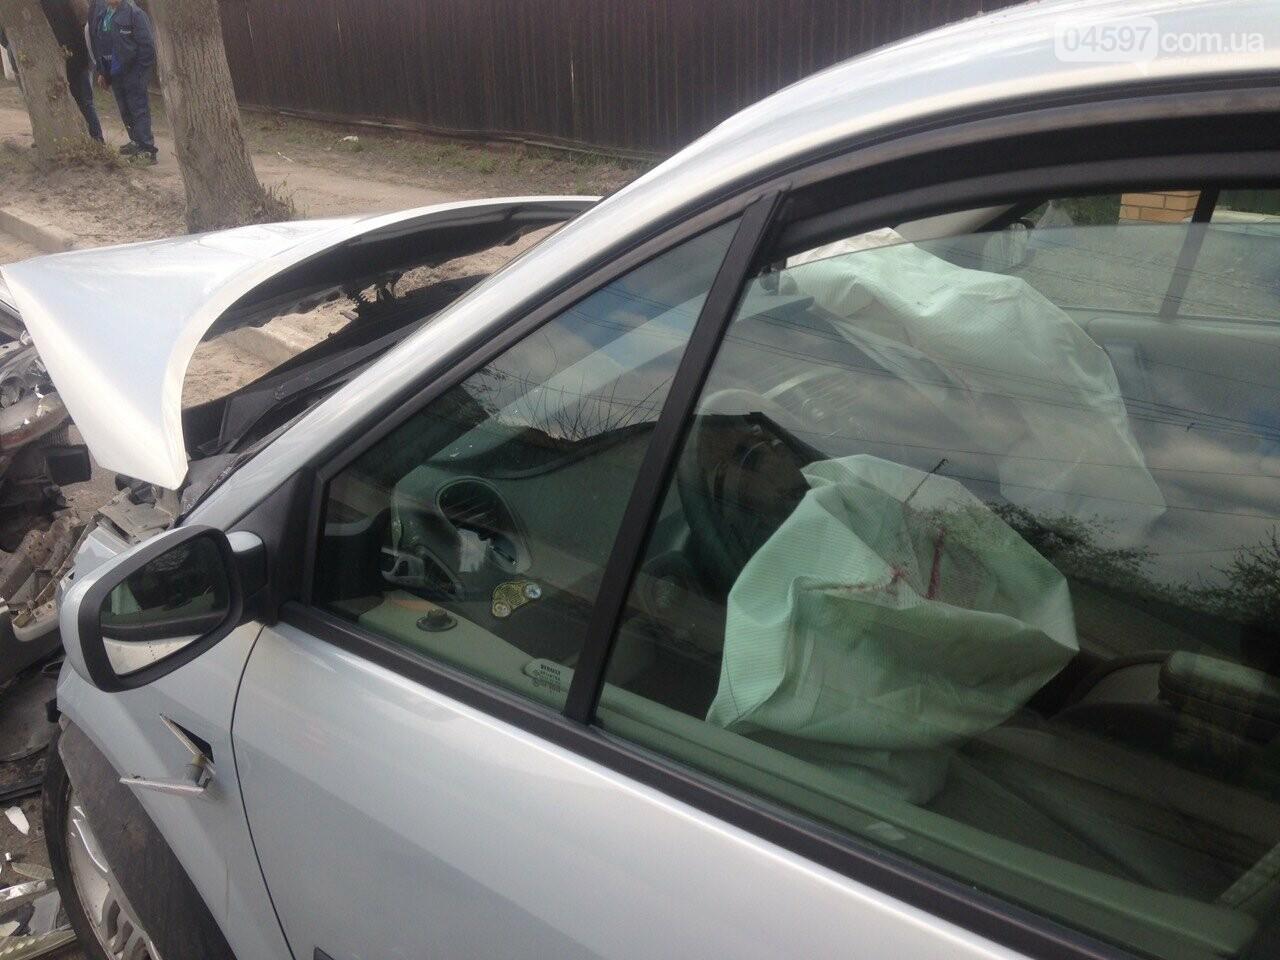 ДТП автівок на євробляхах: поліція не знає як оформити, фото-2